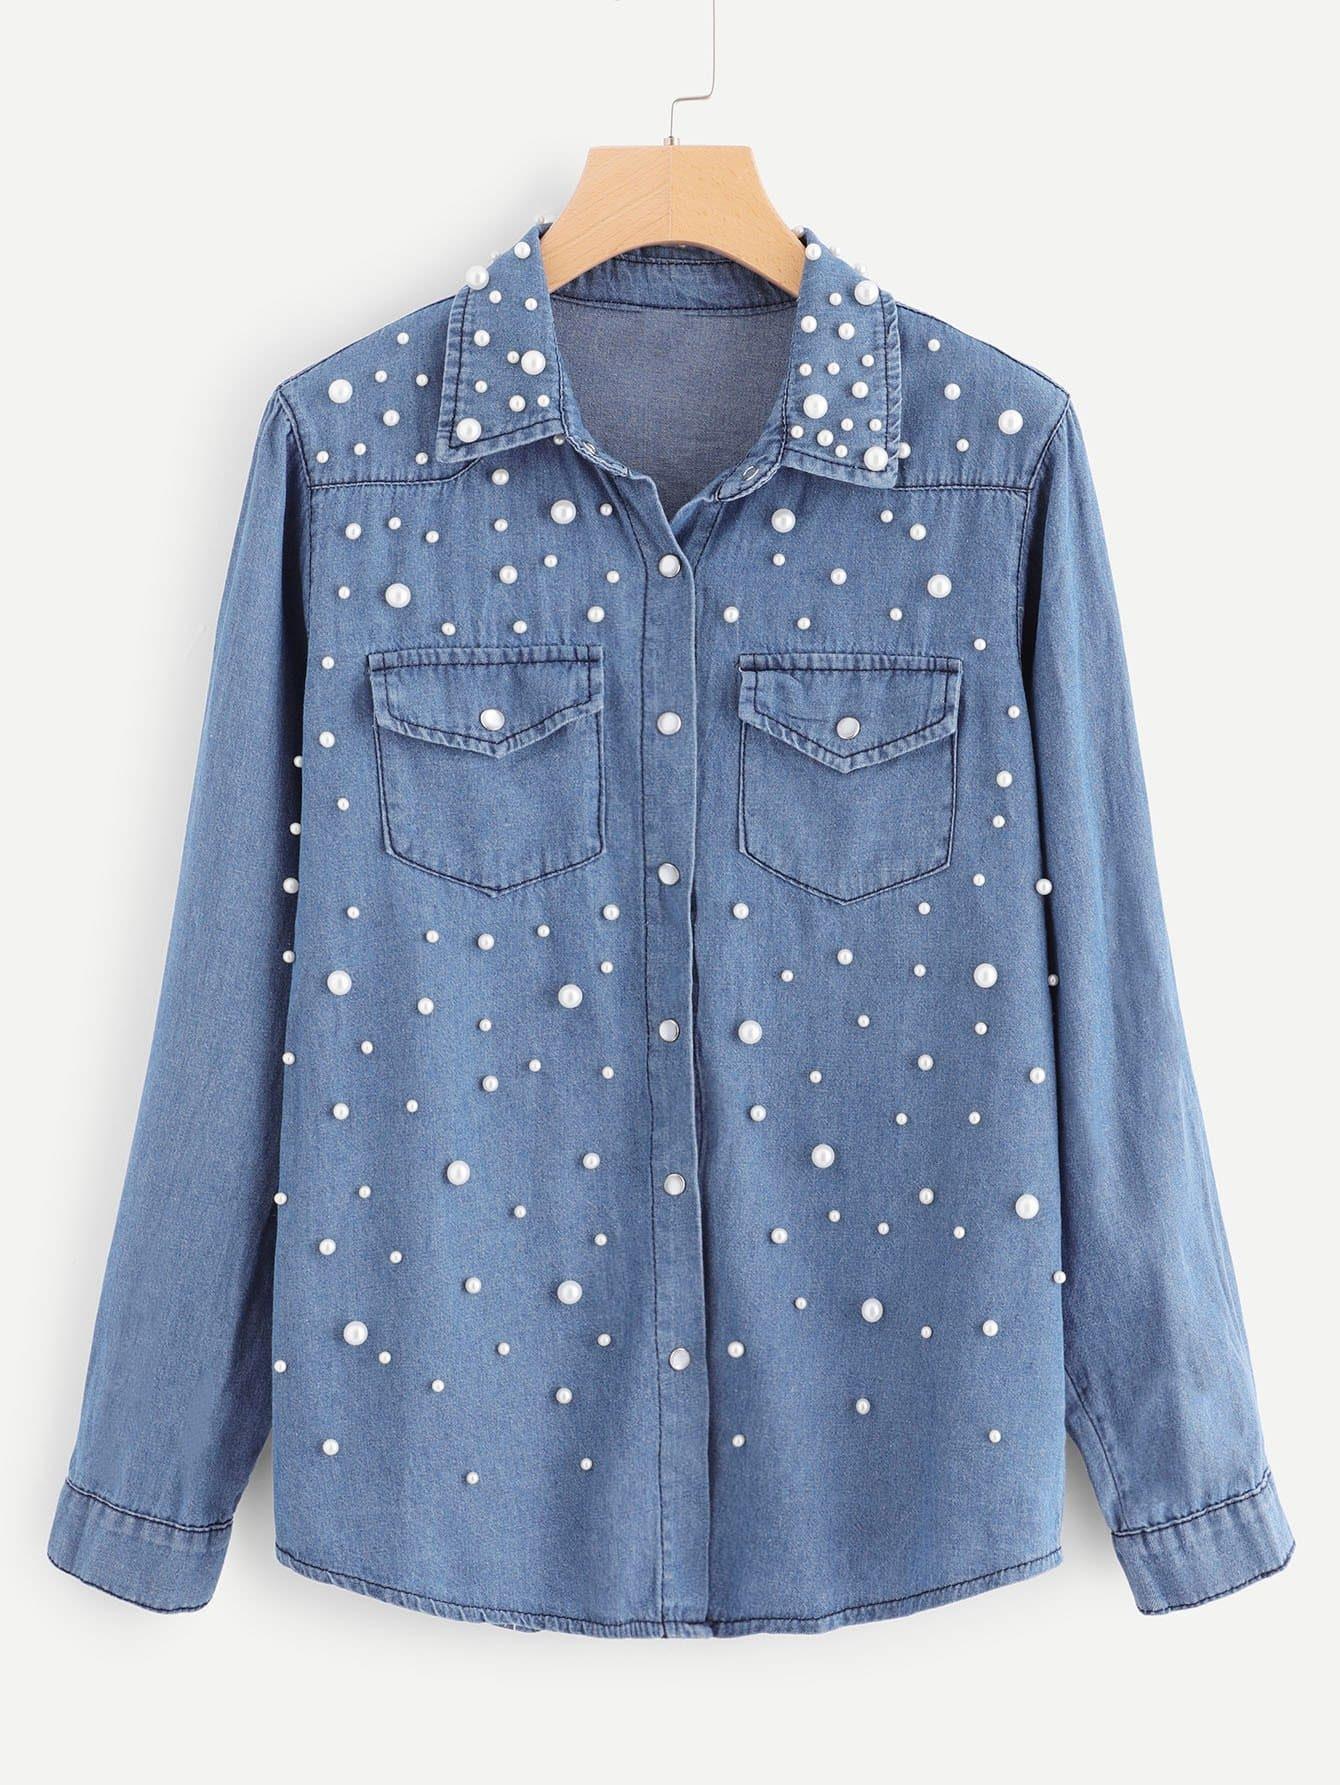 Купить Джинсовая блузка с украшением жемчугов и кармана, null, SheIn